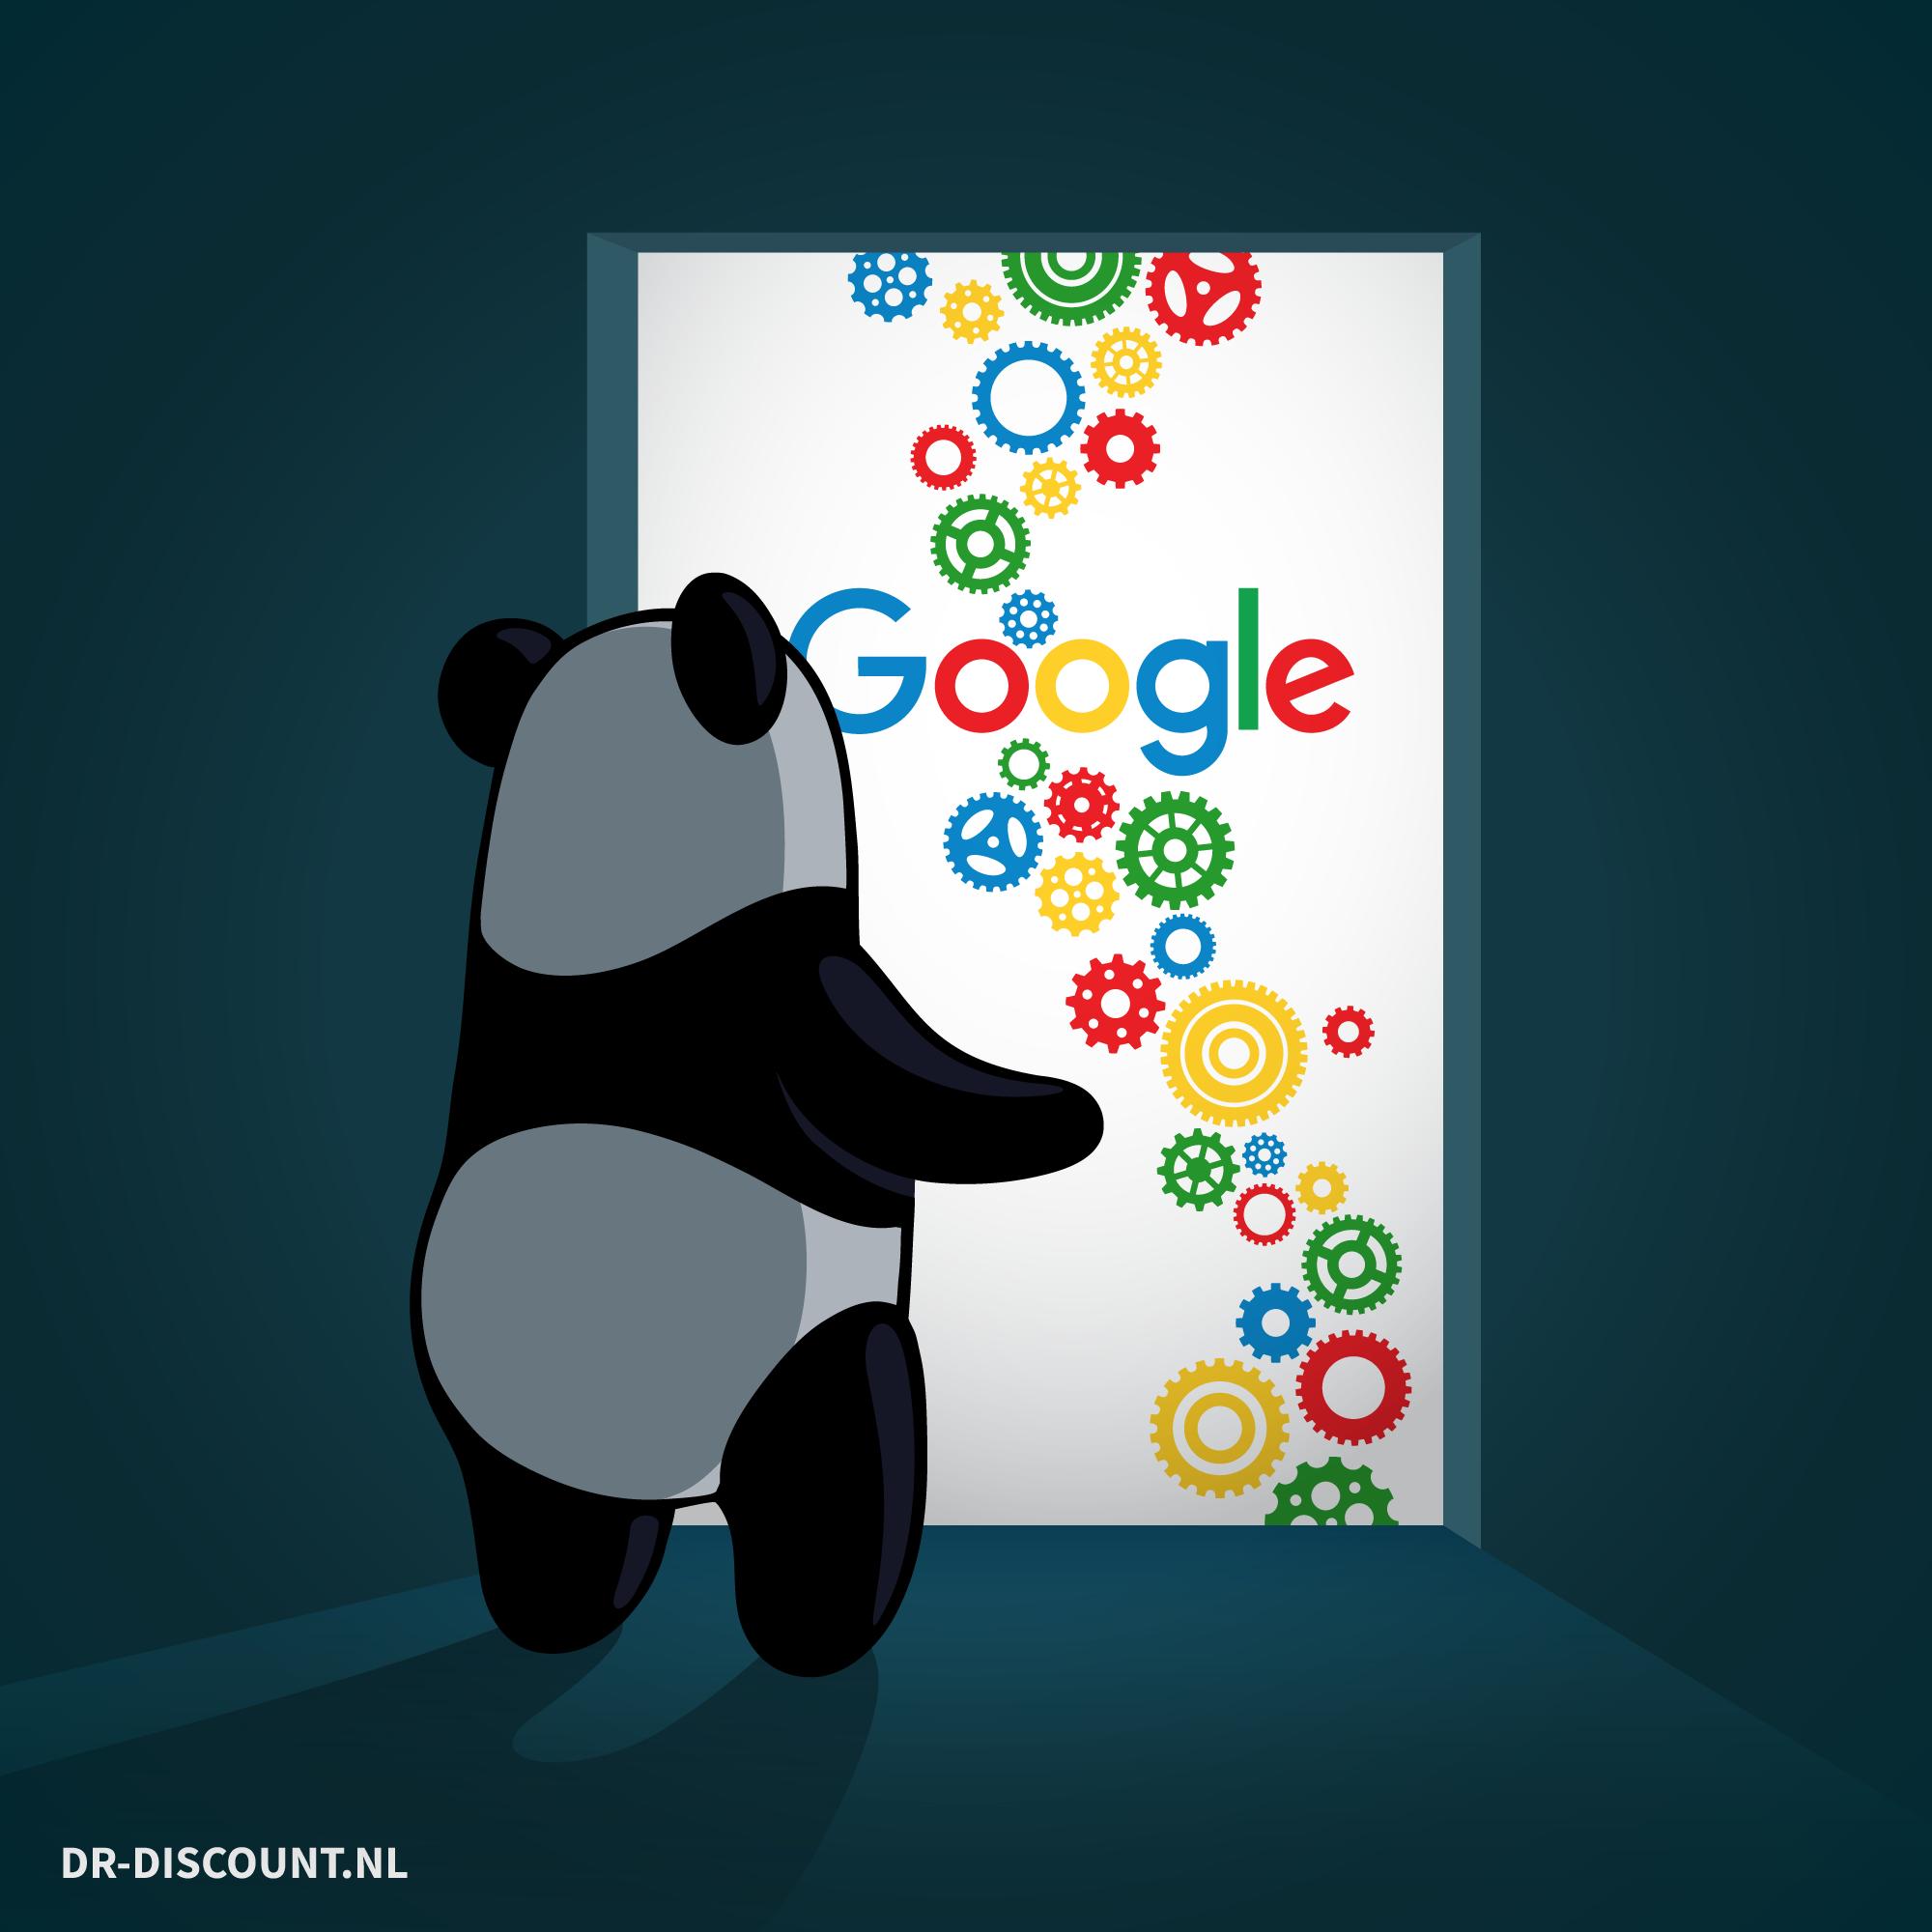 """Google Panda Update - dr-discount, CC BY-SA 4.0 <https://creativecommons.org/licenses/by-sa/4.0>, via Wikimedia Commons"""" width=""""771″ height=""""771″></p> <p>La chiave del suo funzionamento era il cosiddetto """"quality score"""" – un punteggio di qualità assegnato alle pagine web utilizzato come <strong>fattore di ranking</strong> (e integrato dal 2016 nella lista dei 200 fattori di ranking di Google). In concreto, Panda cercava di combattere i contenuti di scarsa qualità – come ad esempio contenuti duplicati, plagiati o <em>sottili</em>, e poi anche lo <strong>spam user-generated</strong> e l'uso del keyword stuffing e testi sovraottimizzati – e di proporre risultati che rispettassero criteri ben definiti, sintetizzati nelle famose 23 domande per <a href="""